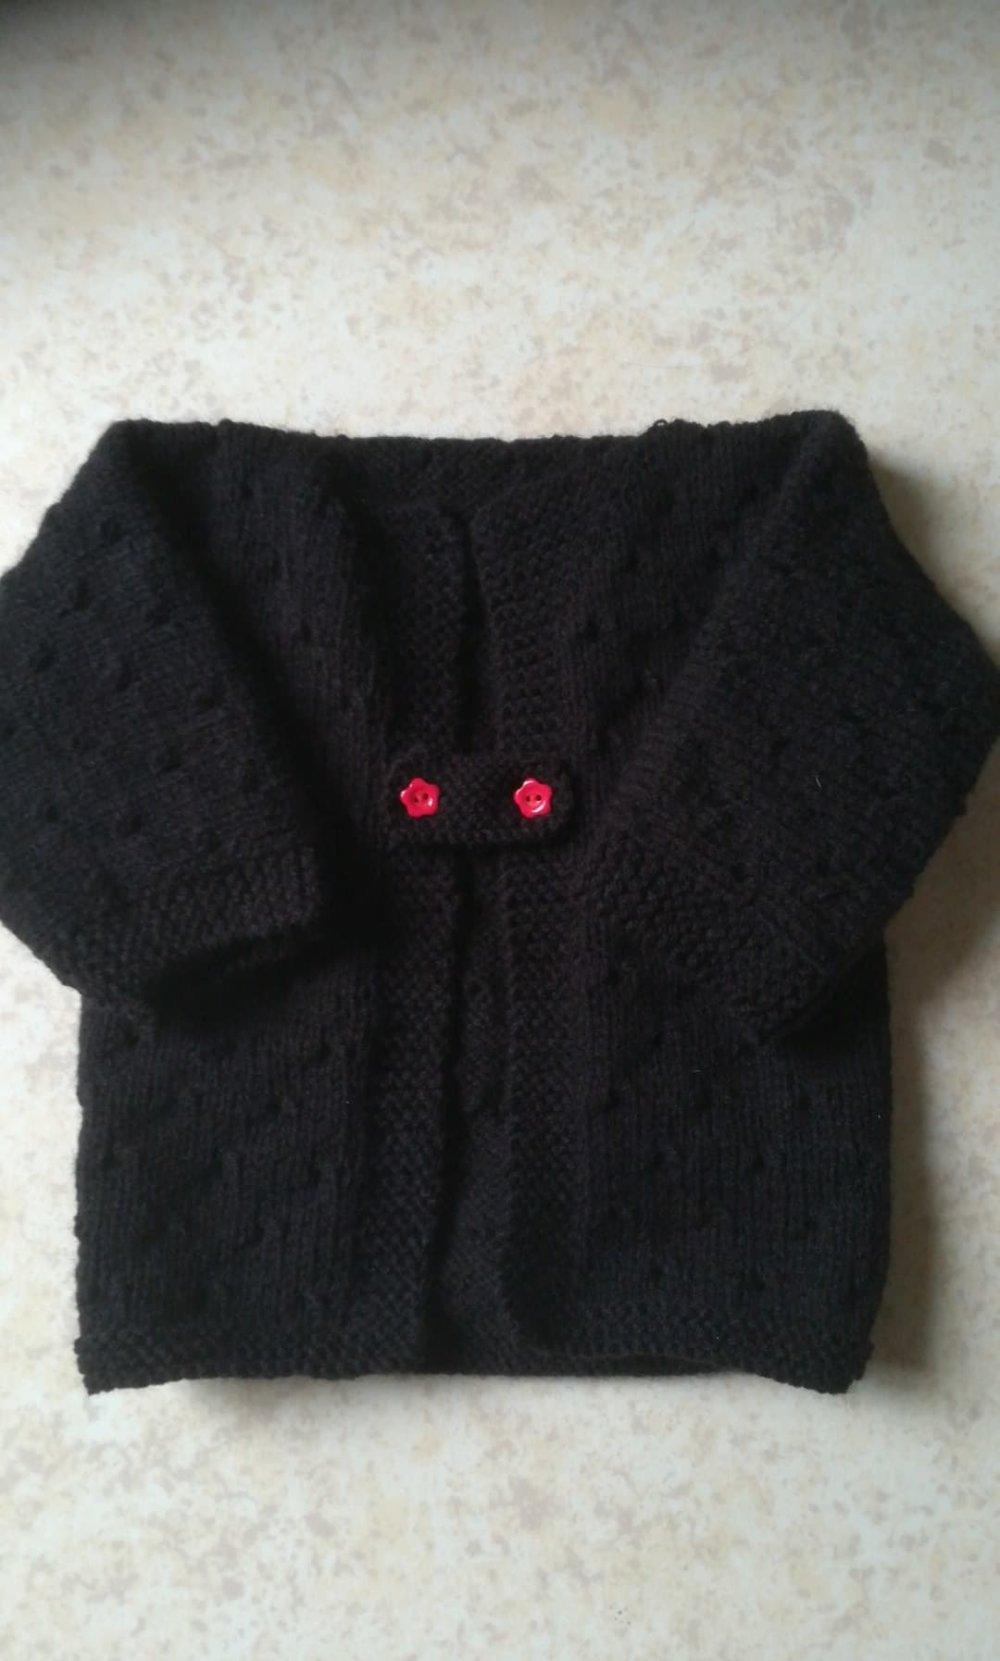 Brassière gilet bébé/reborn noir taille 3/6 mois